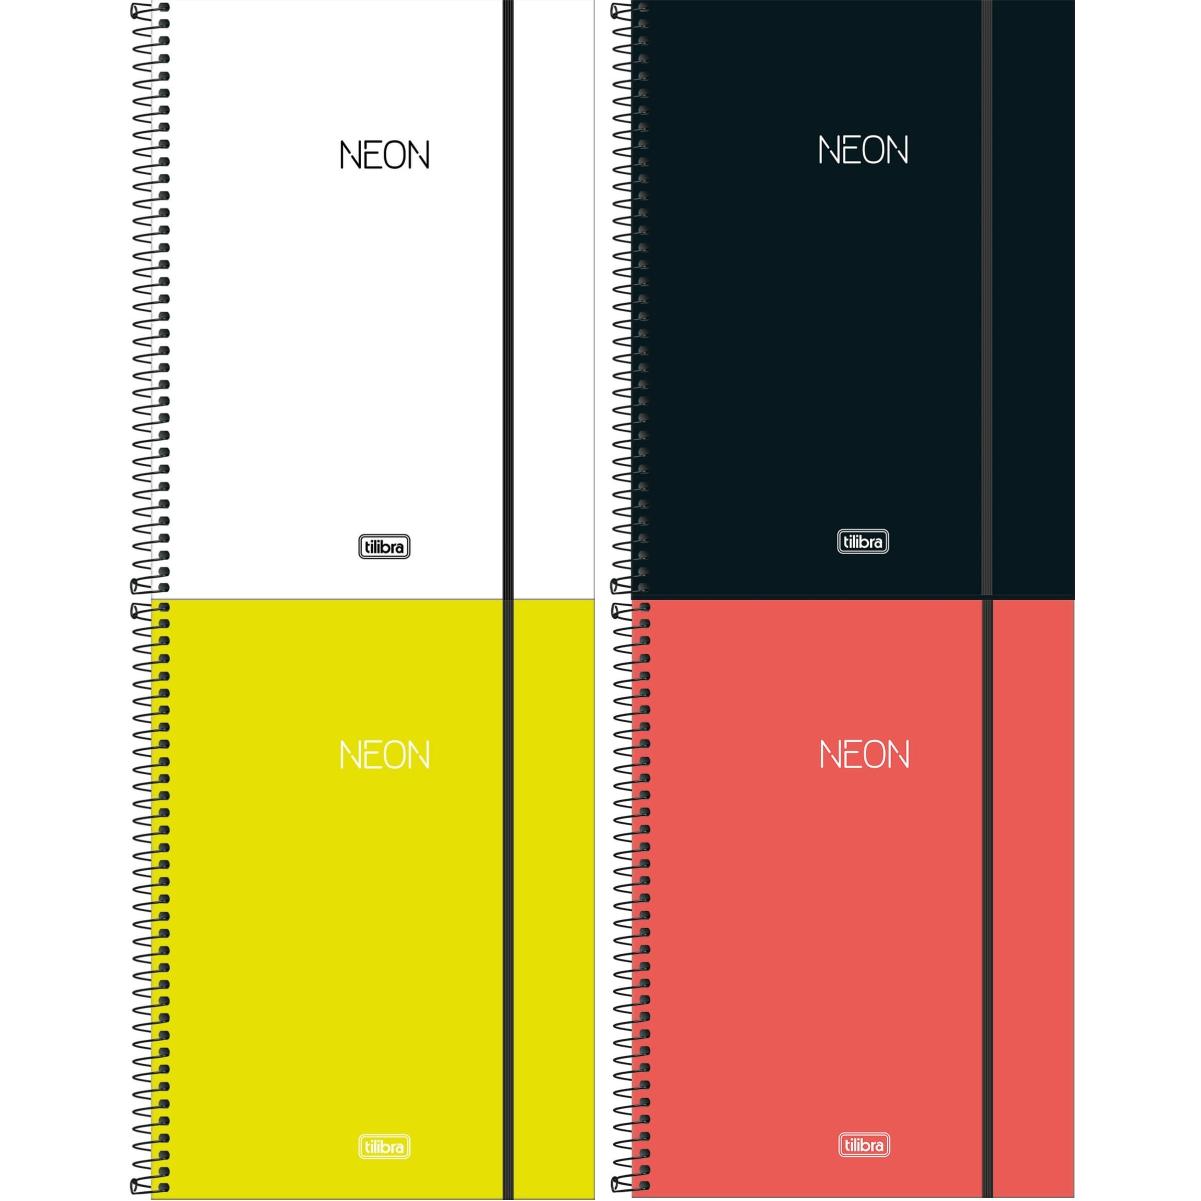 Caderno Espiral Capa Dura  Universitário 1 Matéria (80 Folhas) ou 10 Matérias (160 Folhas) Neon Tilibra Unitário